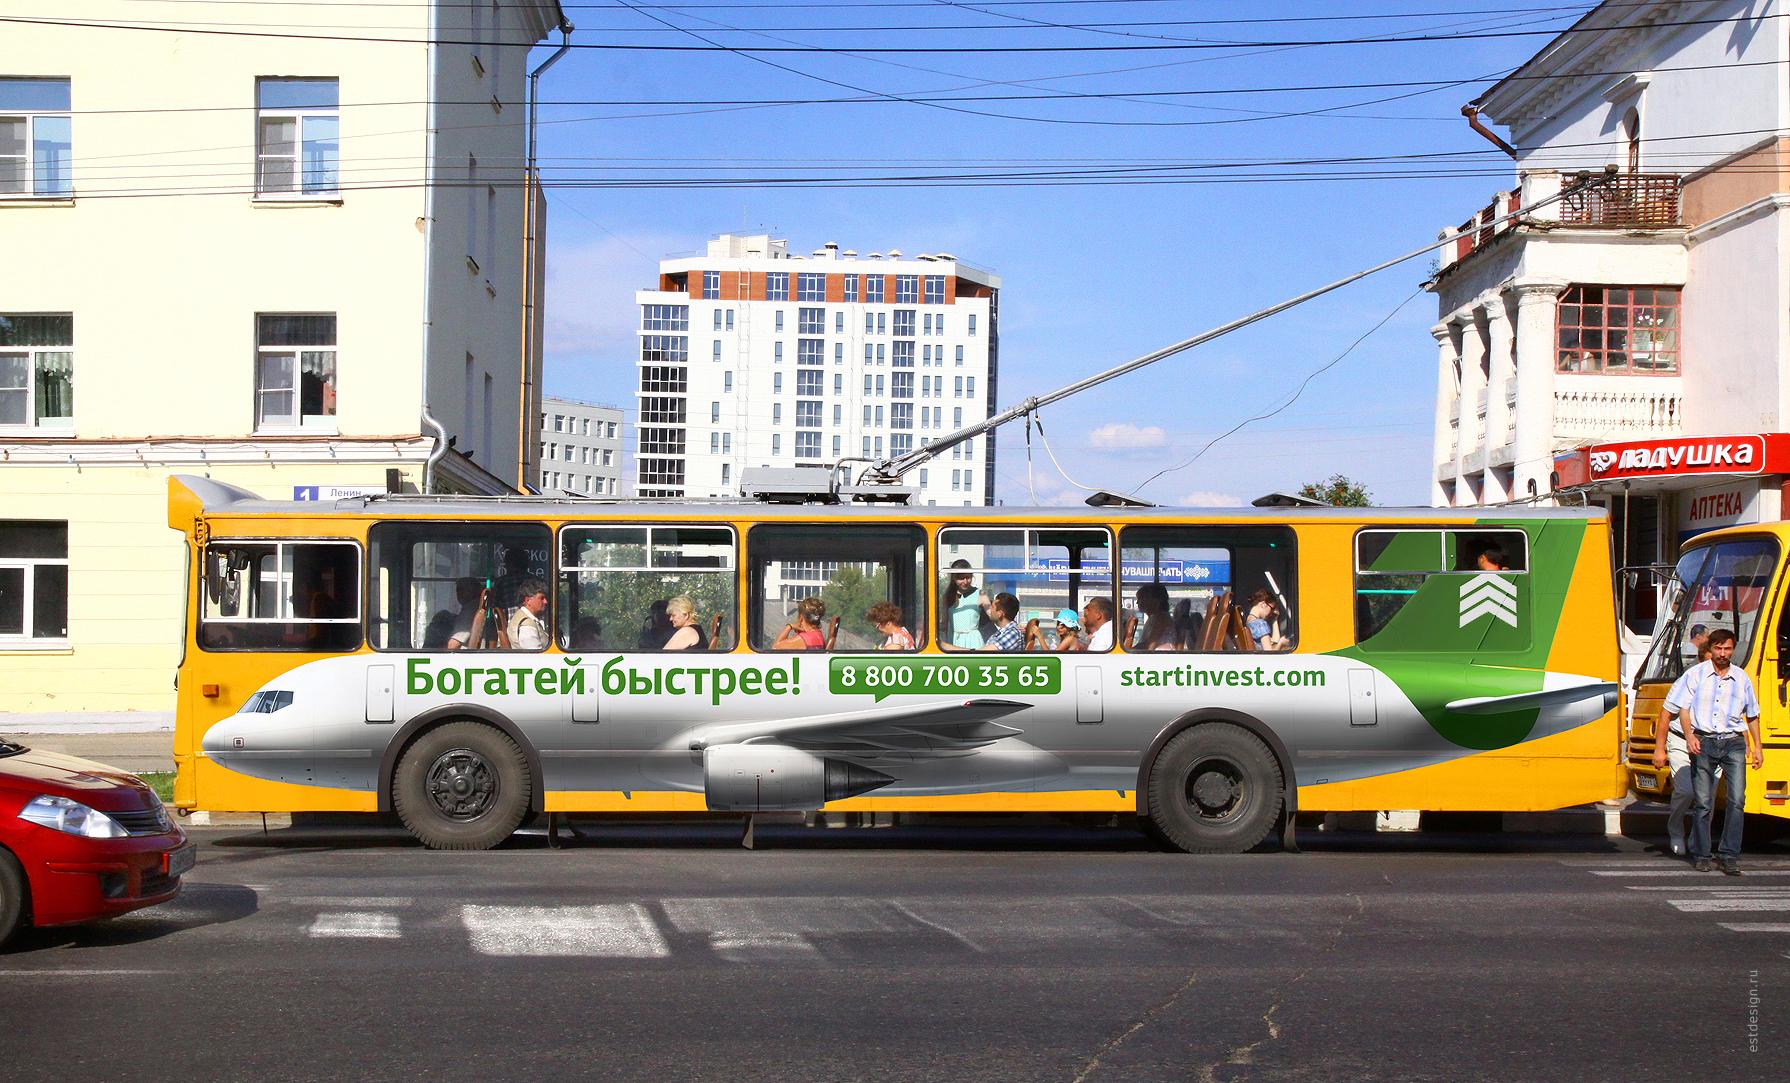 Креативная реклама на транспорте есть дизайн